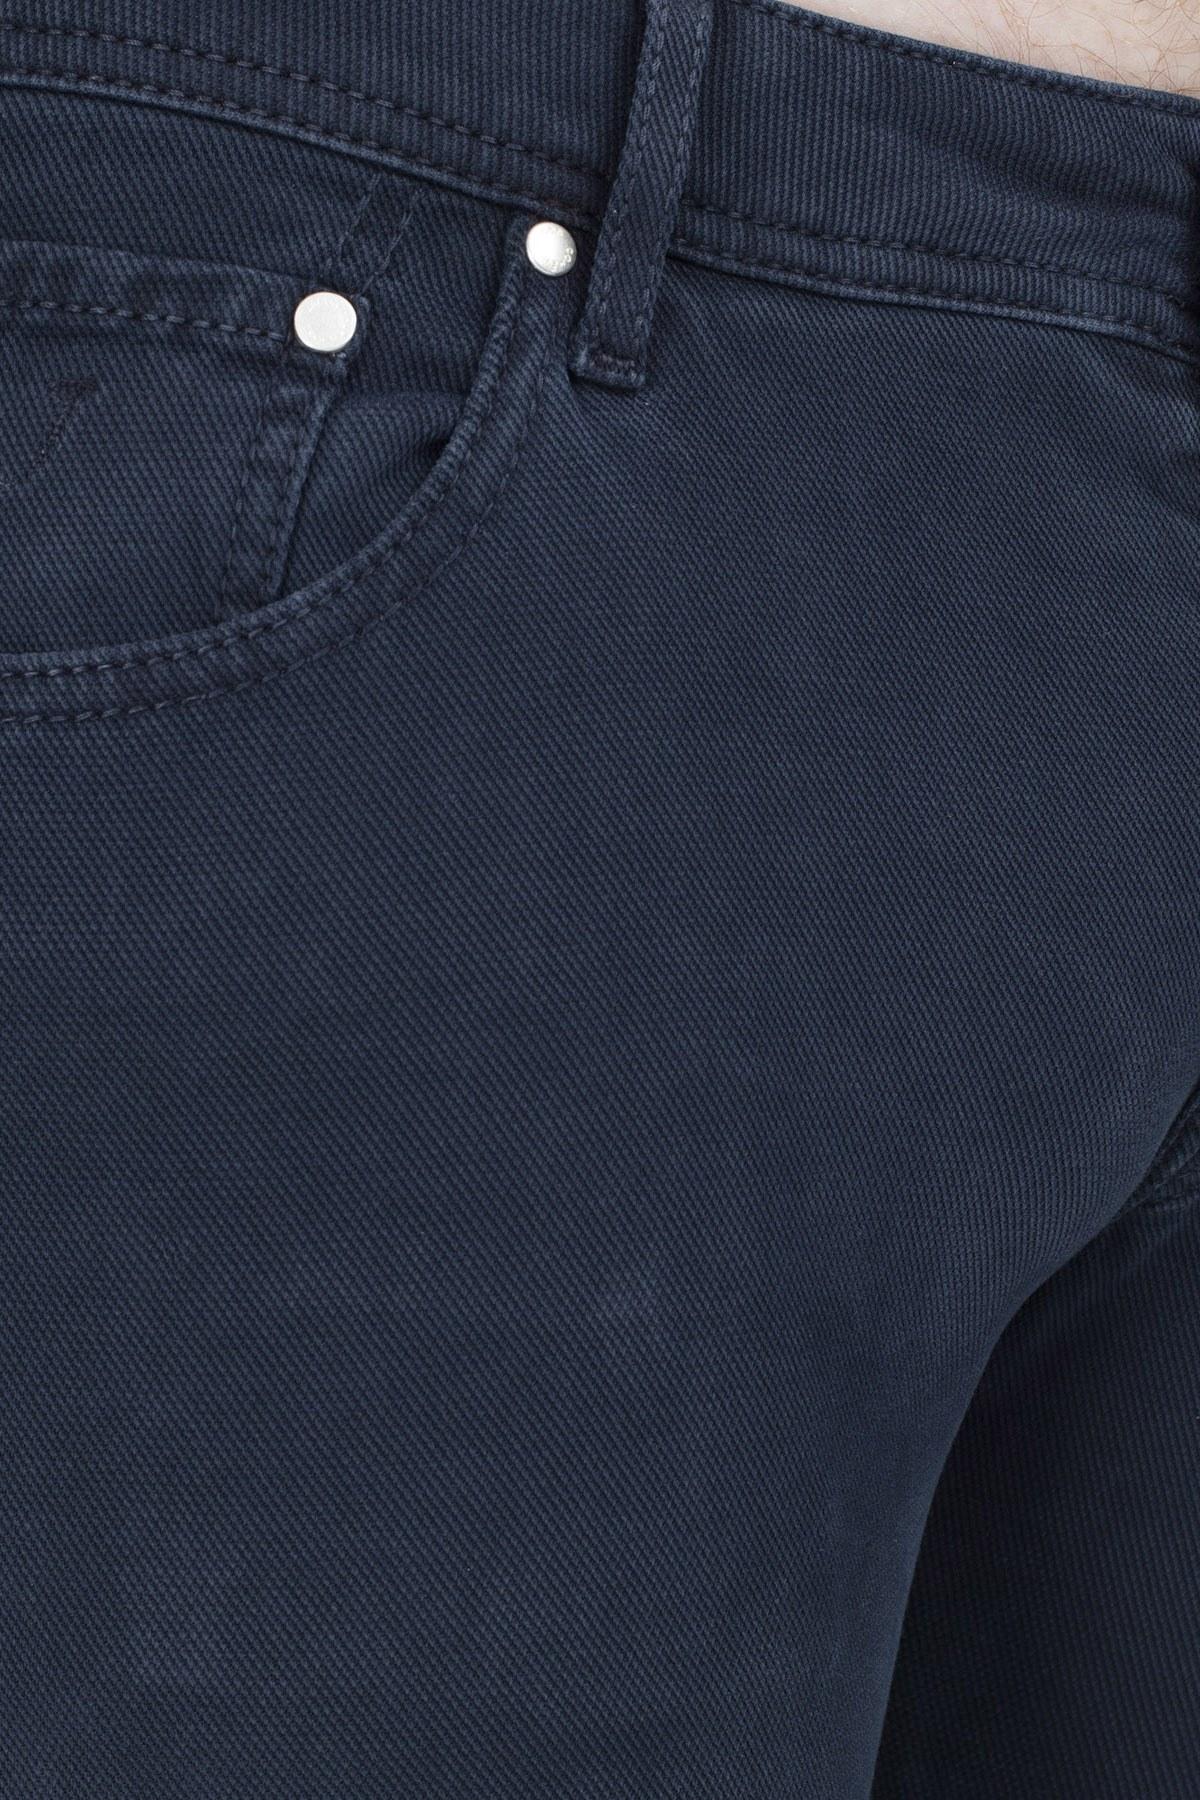 Jacob Cohen Jeans Erkek Pamuklu Pantolon J622 01644V 890 İNDİGO